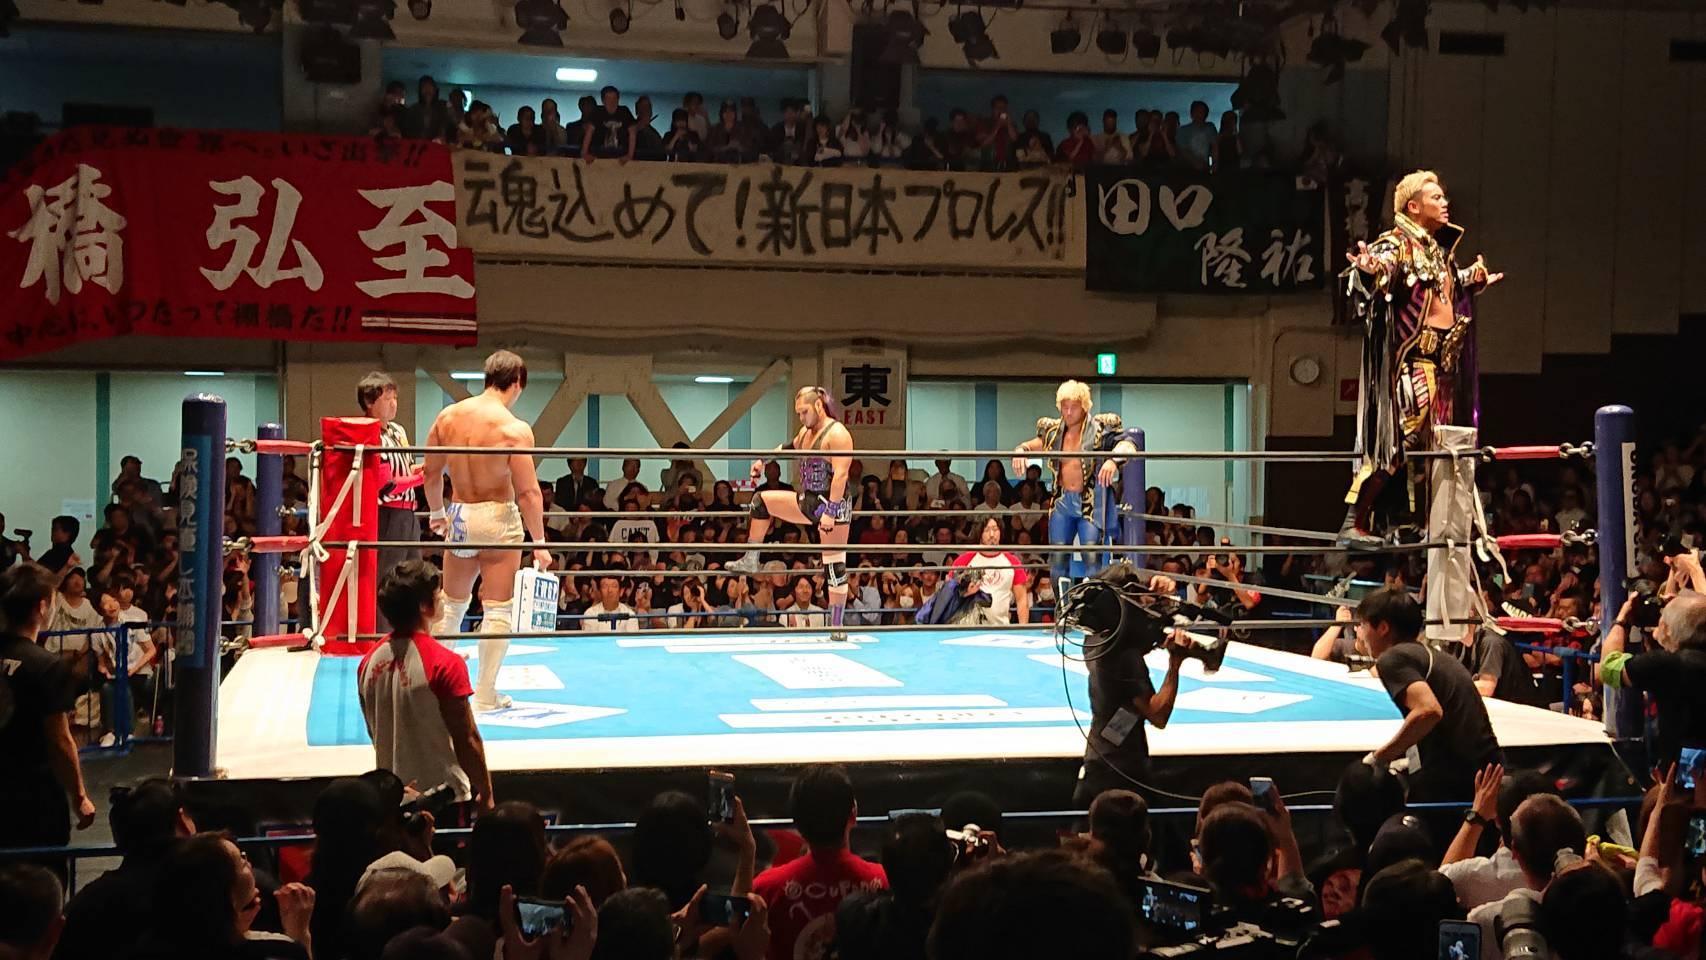 初めて こんなとこに行ってしまいました 新日本プロレス_e0225164_11281963.jpg